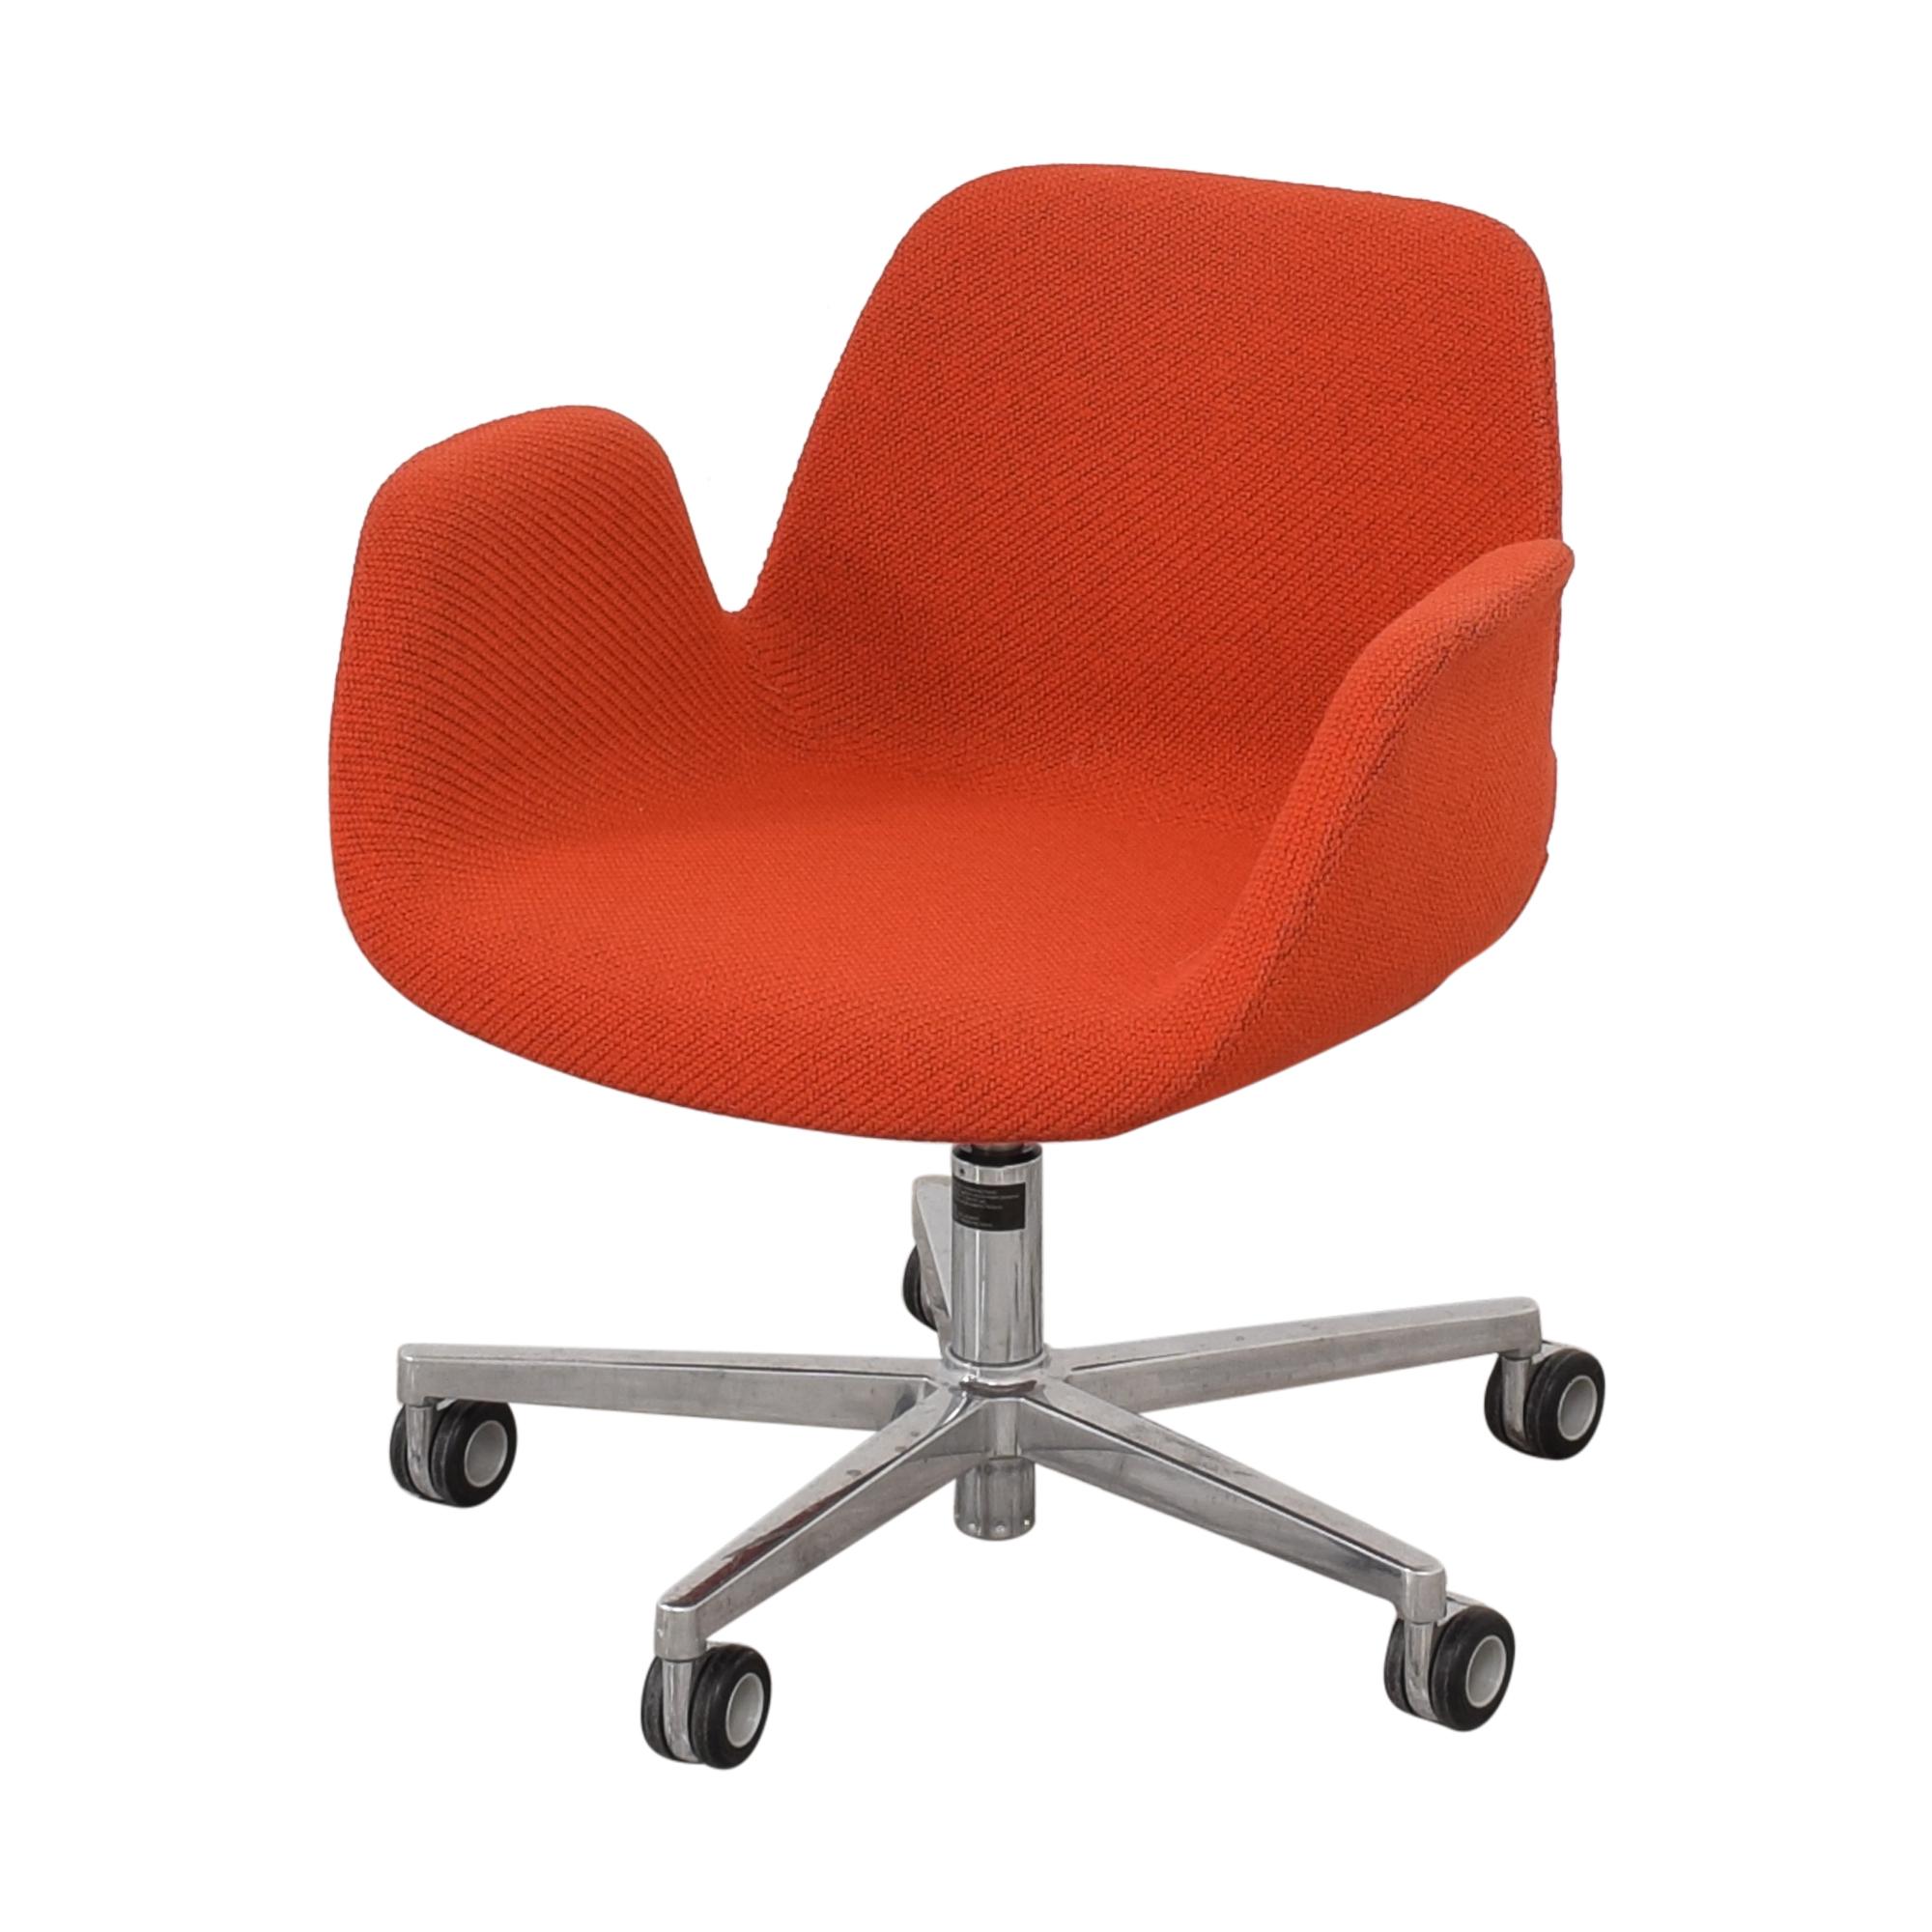 Koleksiyon Koleksiyon Halia Chair used